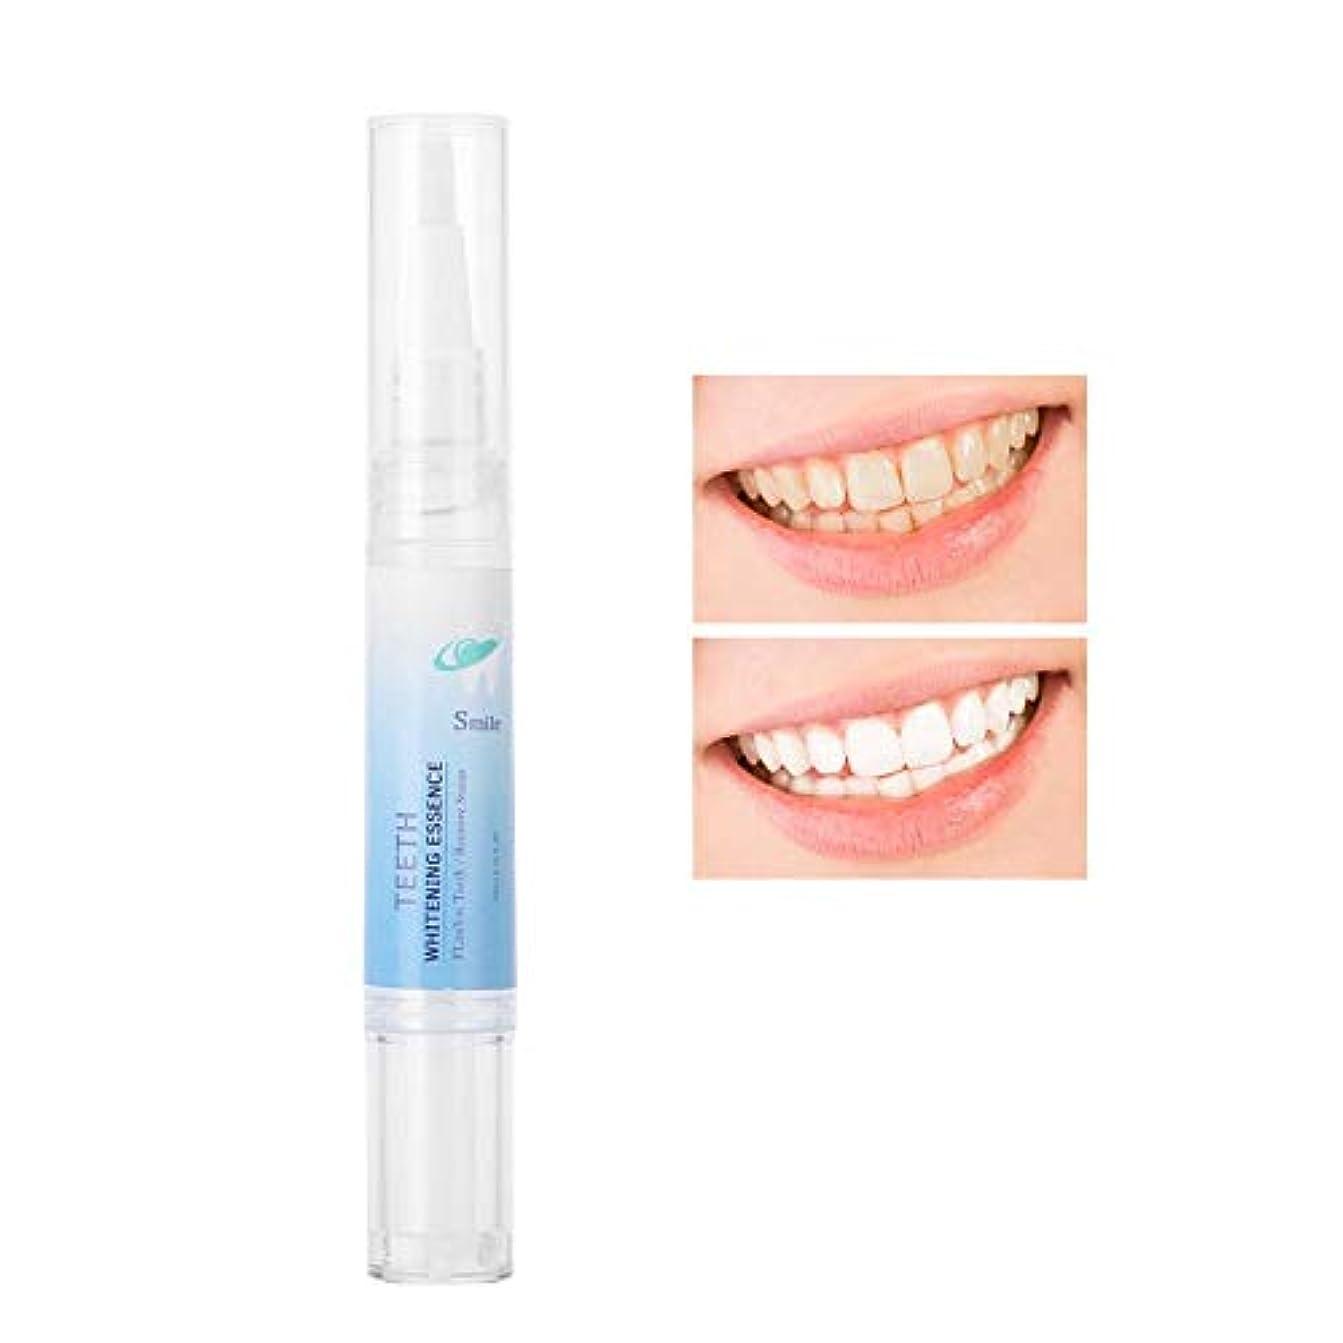 聖歌中毒時計回り歯ホワイトニングペン 歯汚れのリムーバー 歯を白くする美白歯磨き